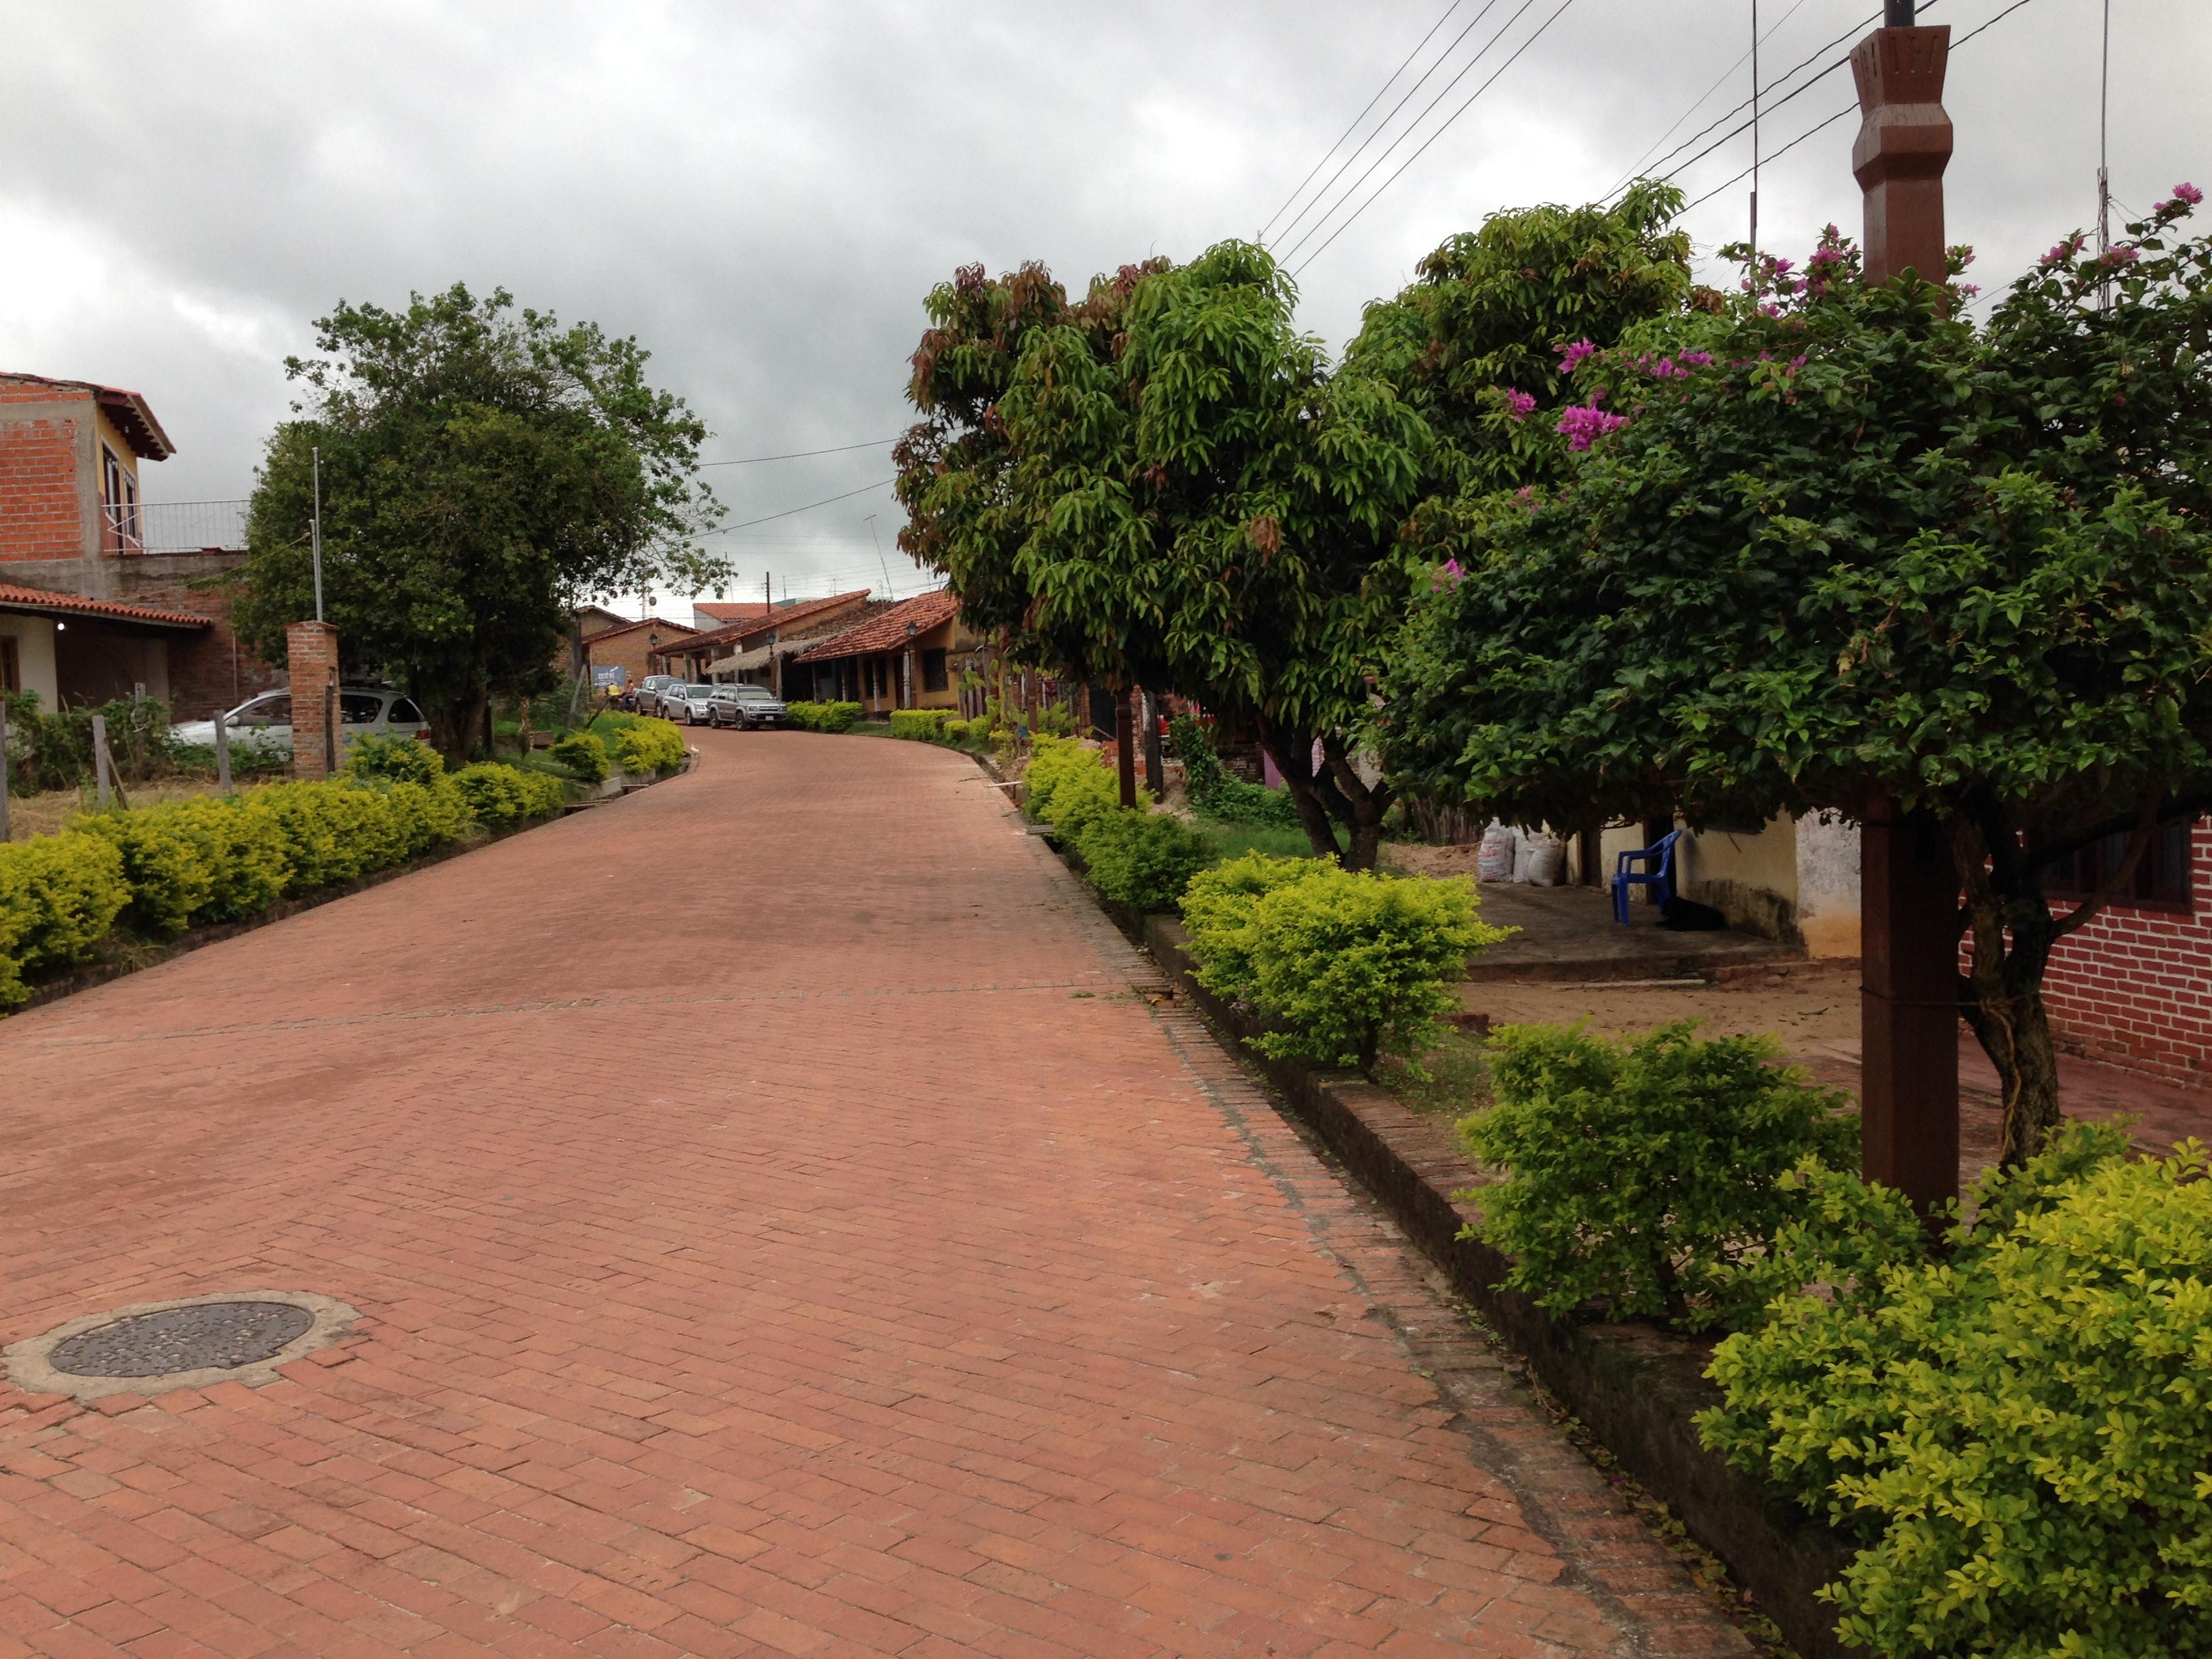 Calle típica de Buenavista